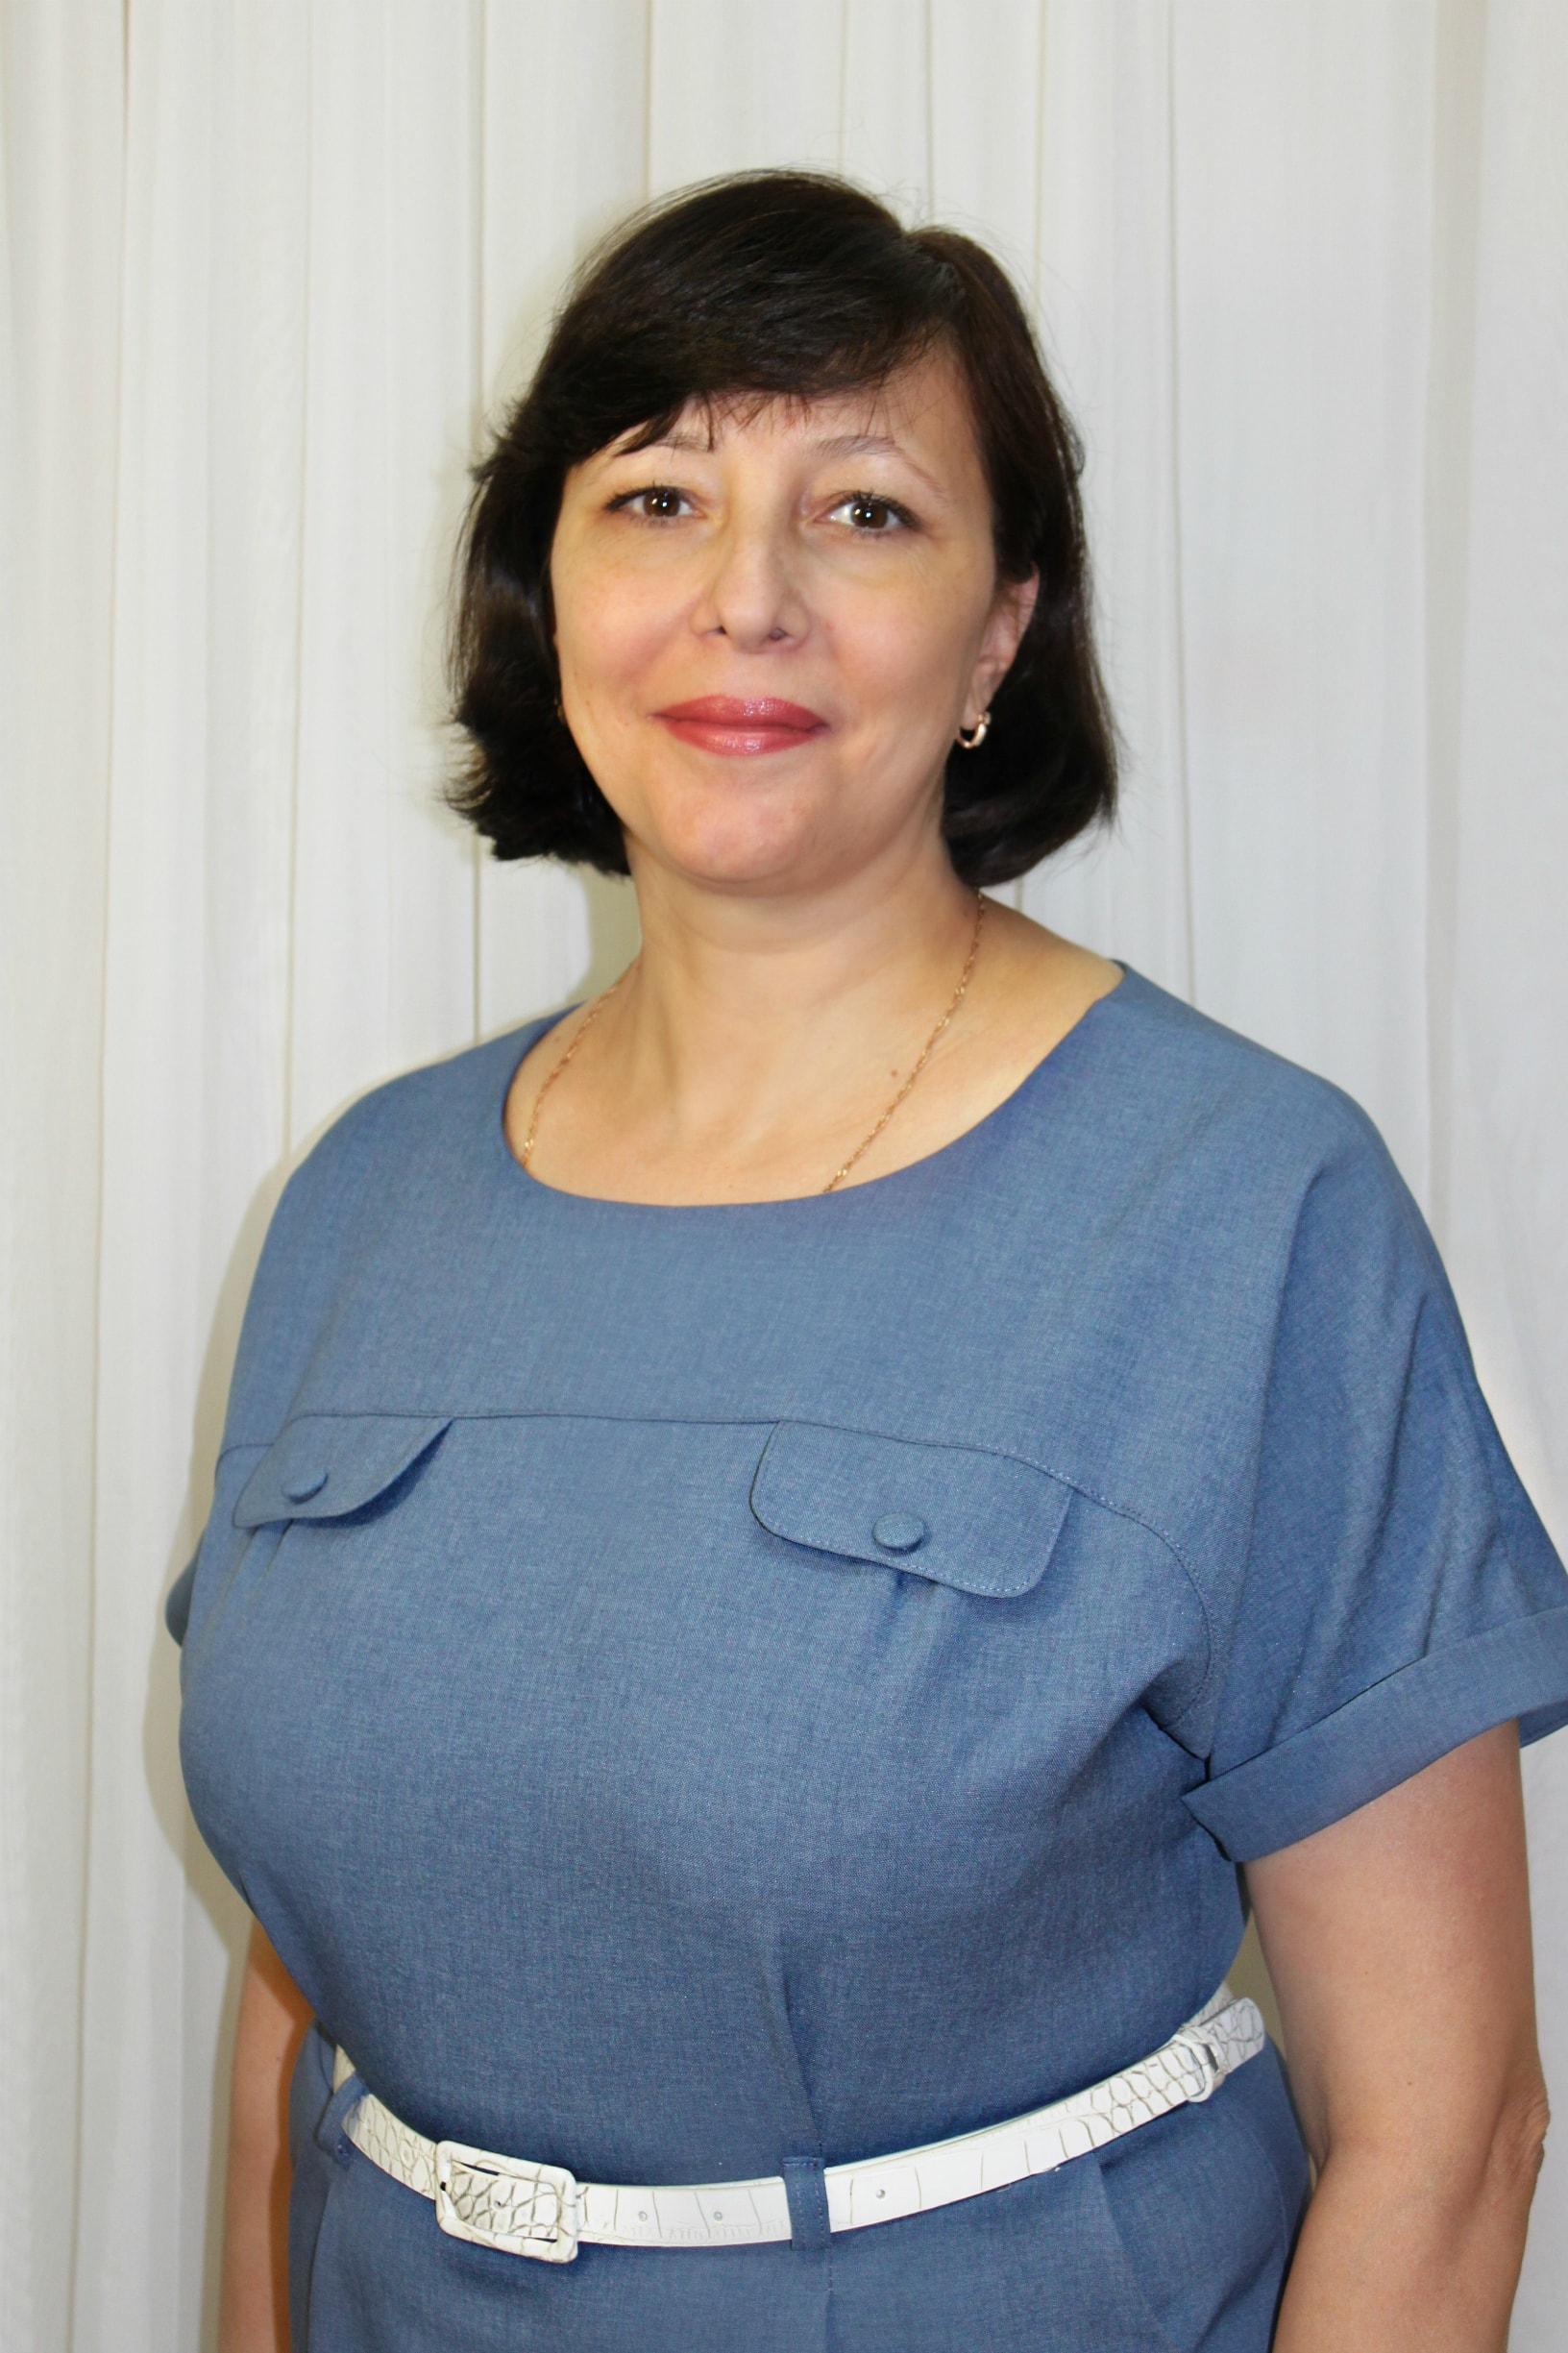 Специалист по социальной работе консультативного отделения Семенова Светлана Николаевна